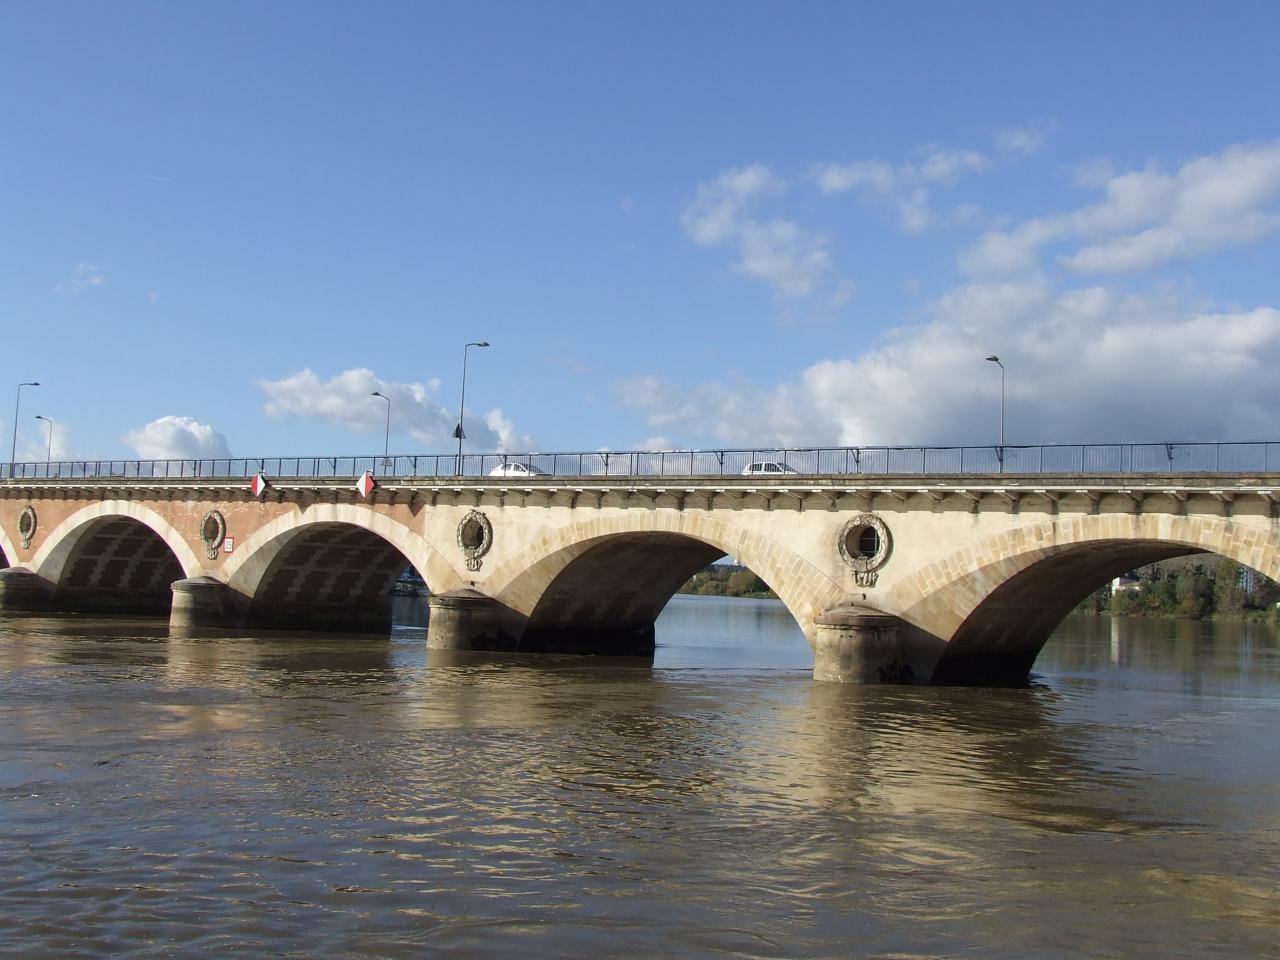 le pont sur la Dordogne, le pont de pierre